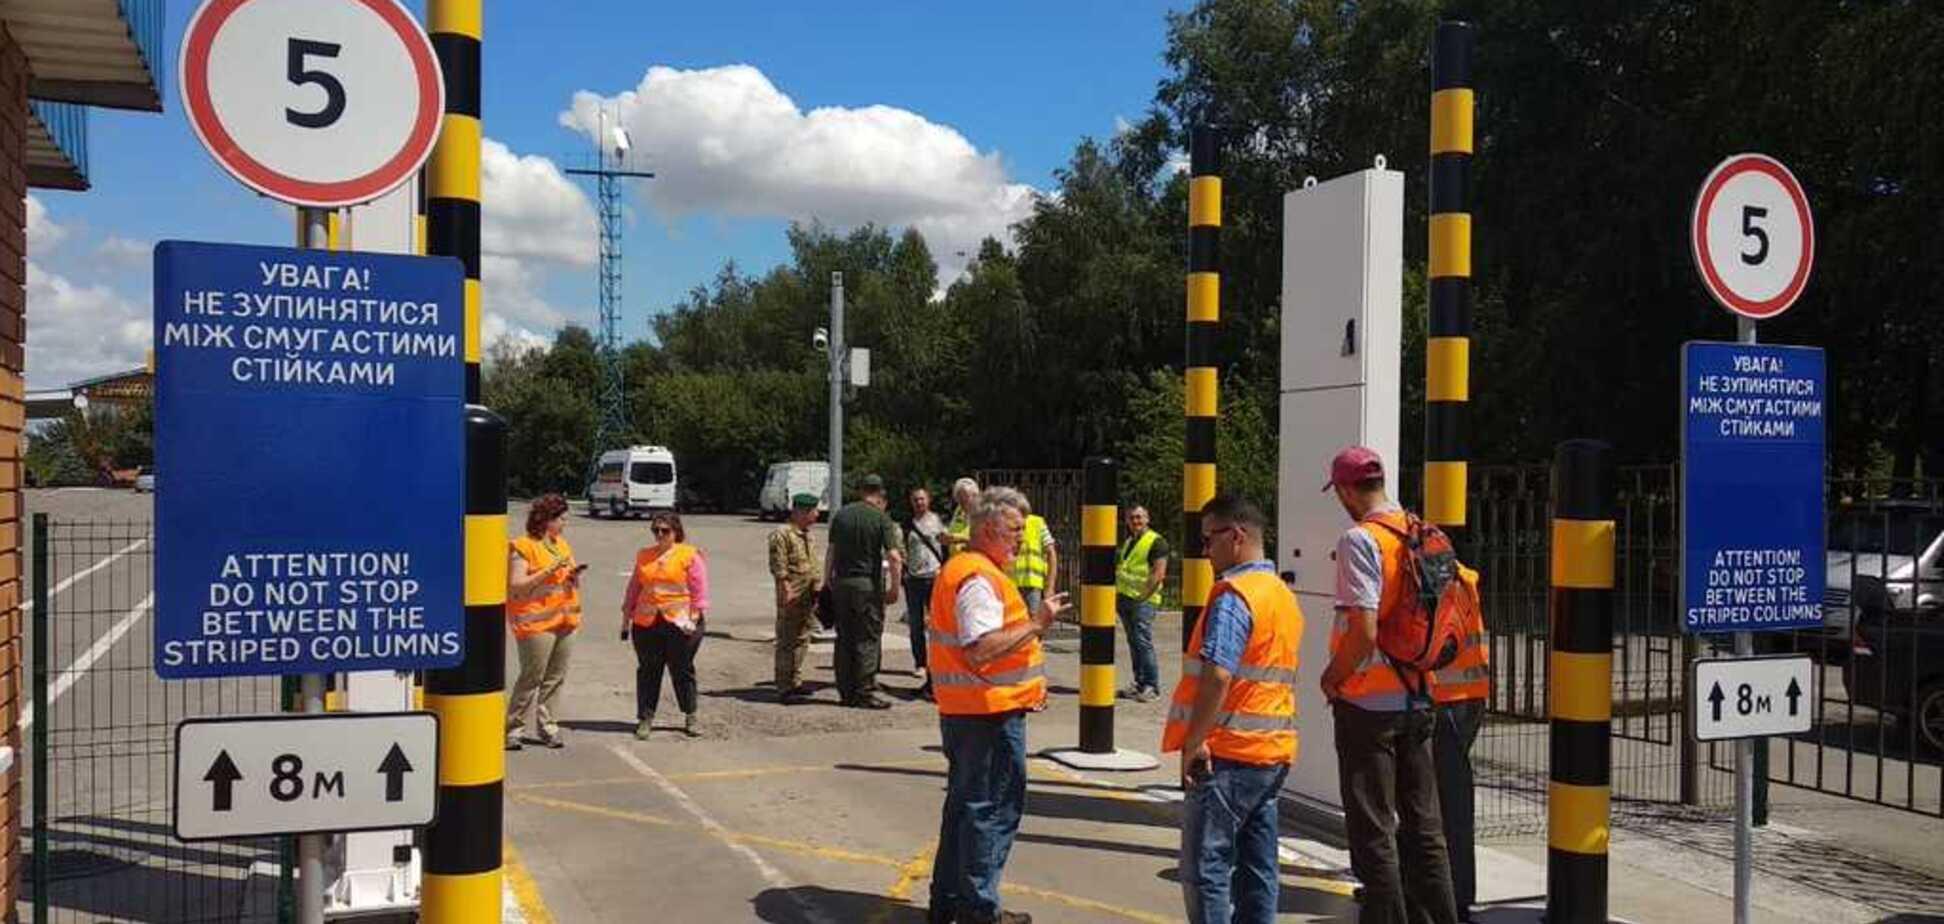 Ядерное оружие не пройдет: Украина стянула к границе России новейшее оборудование